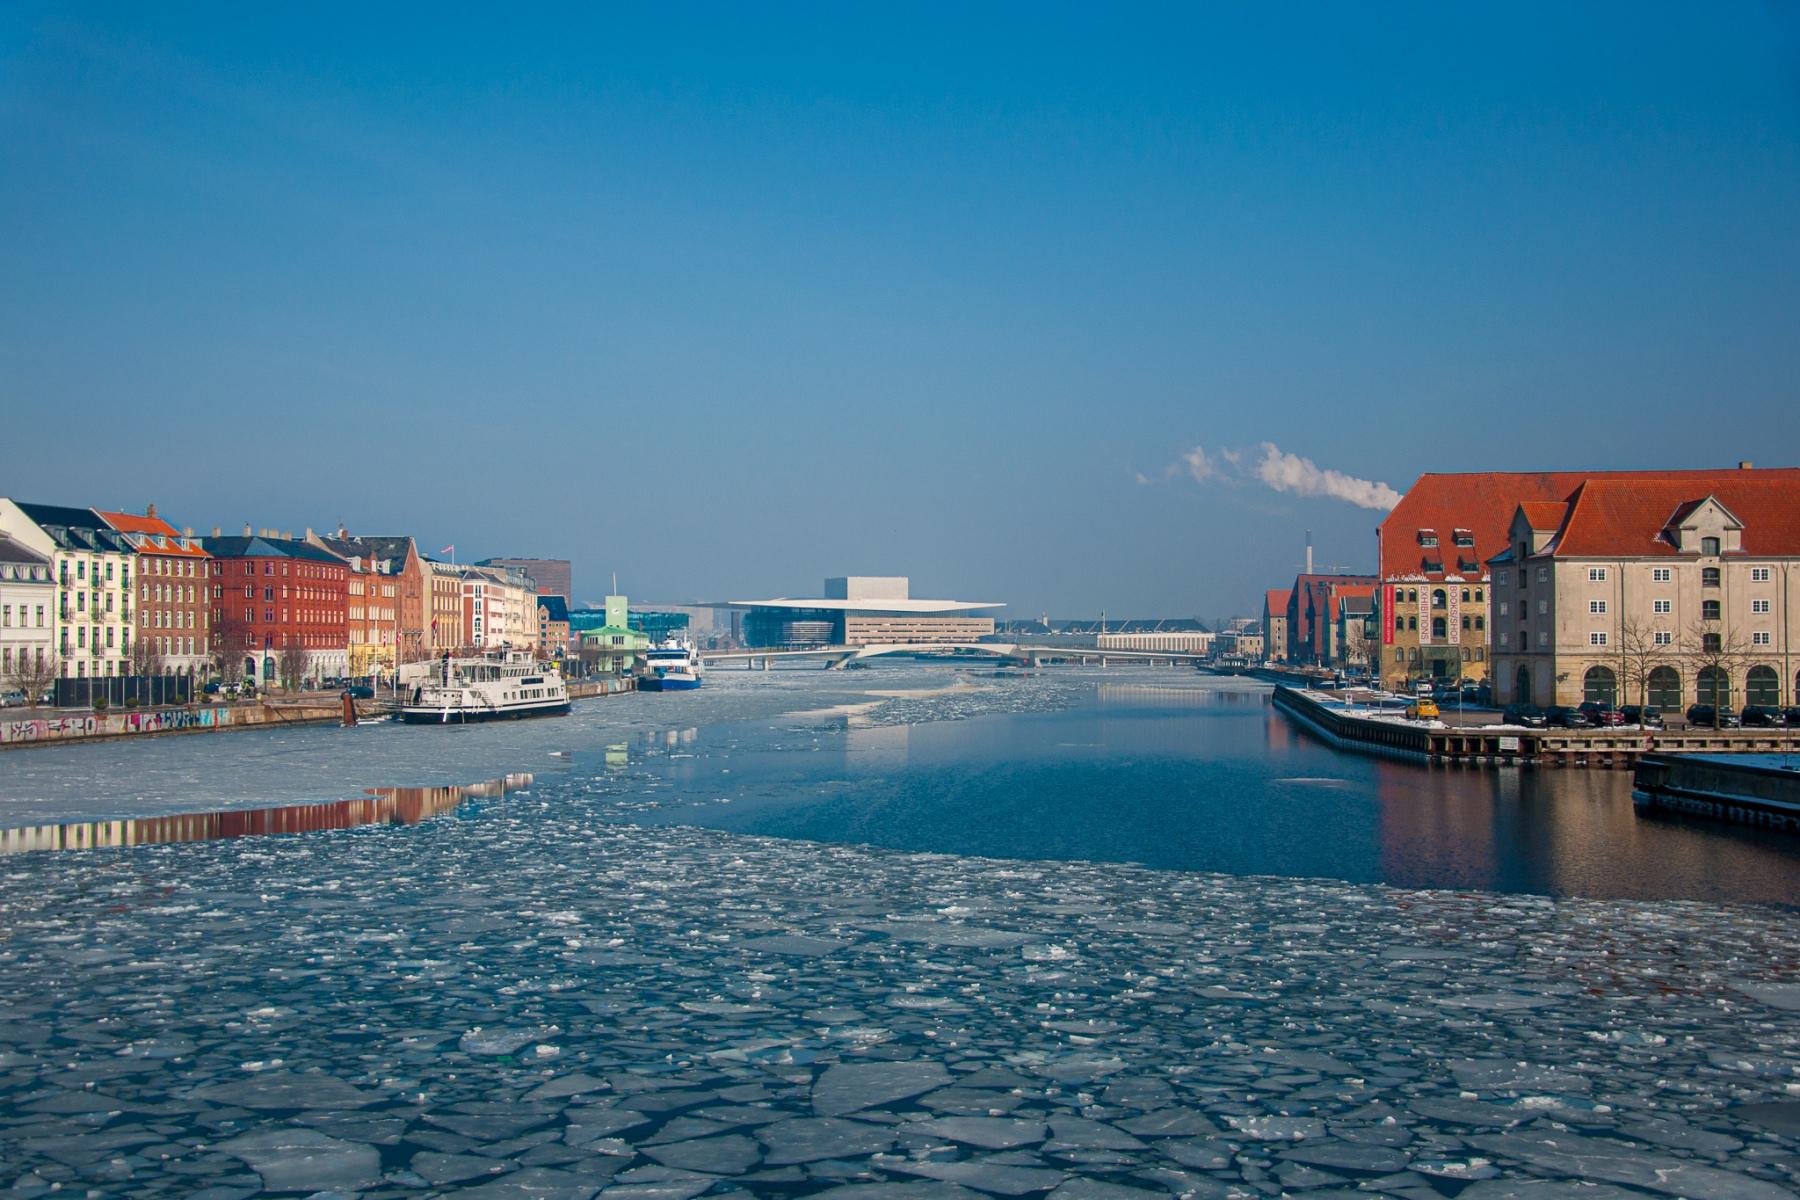 anja-blaksmark-københavns-havn